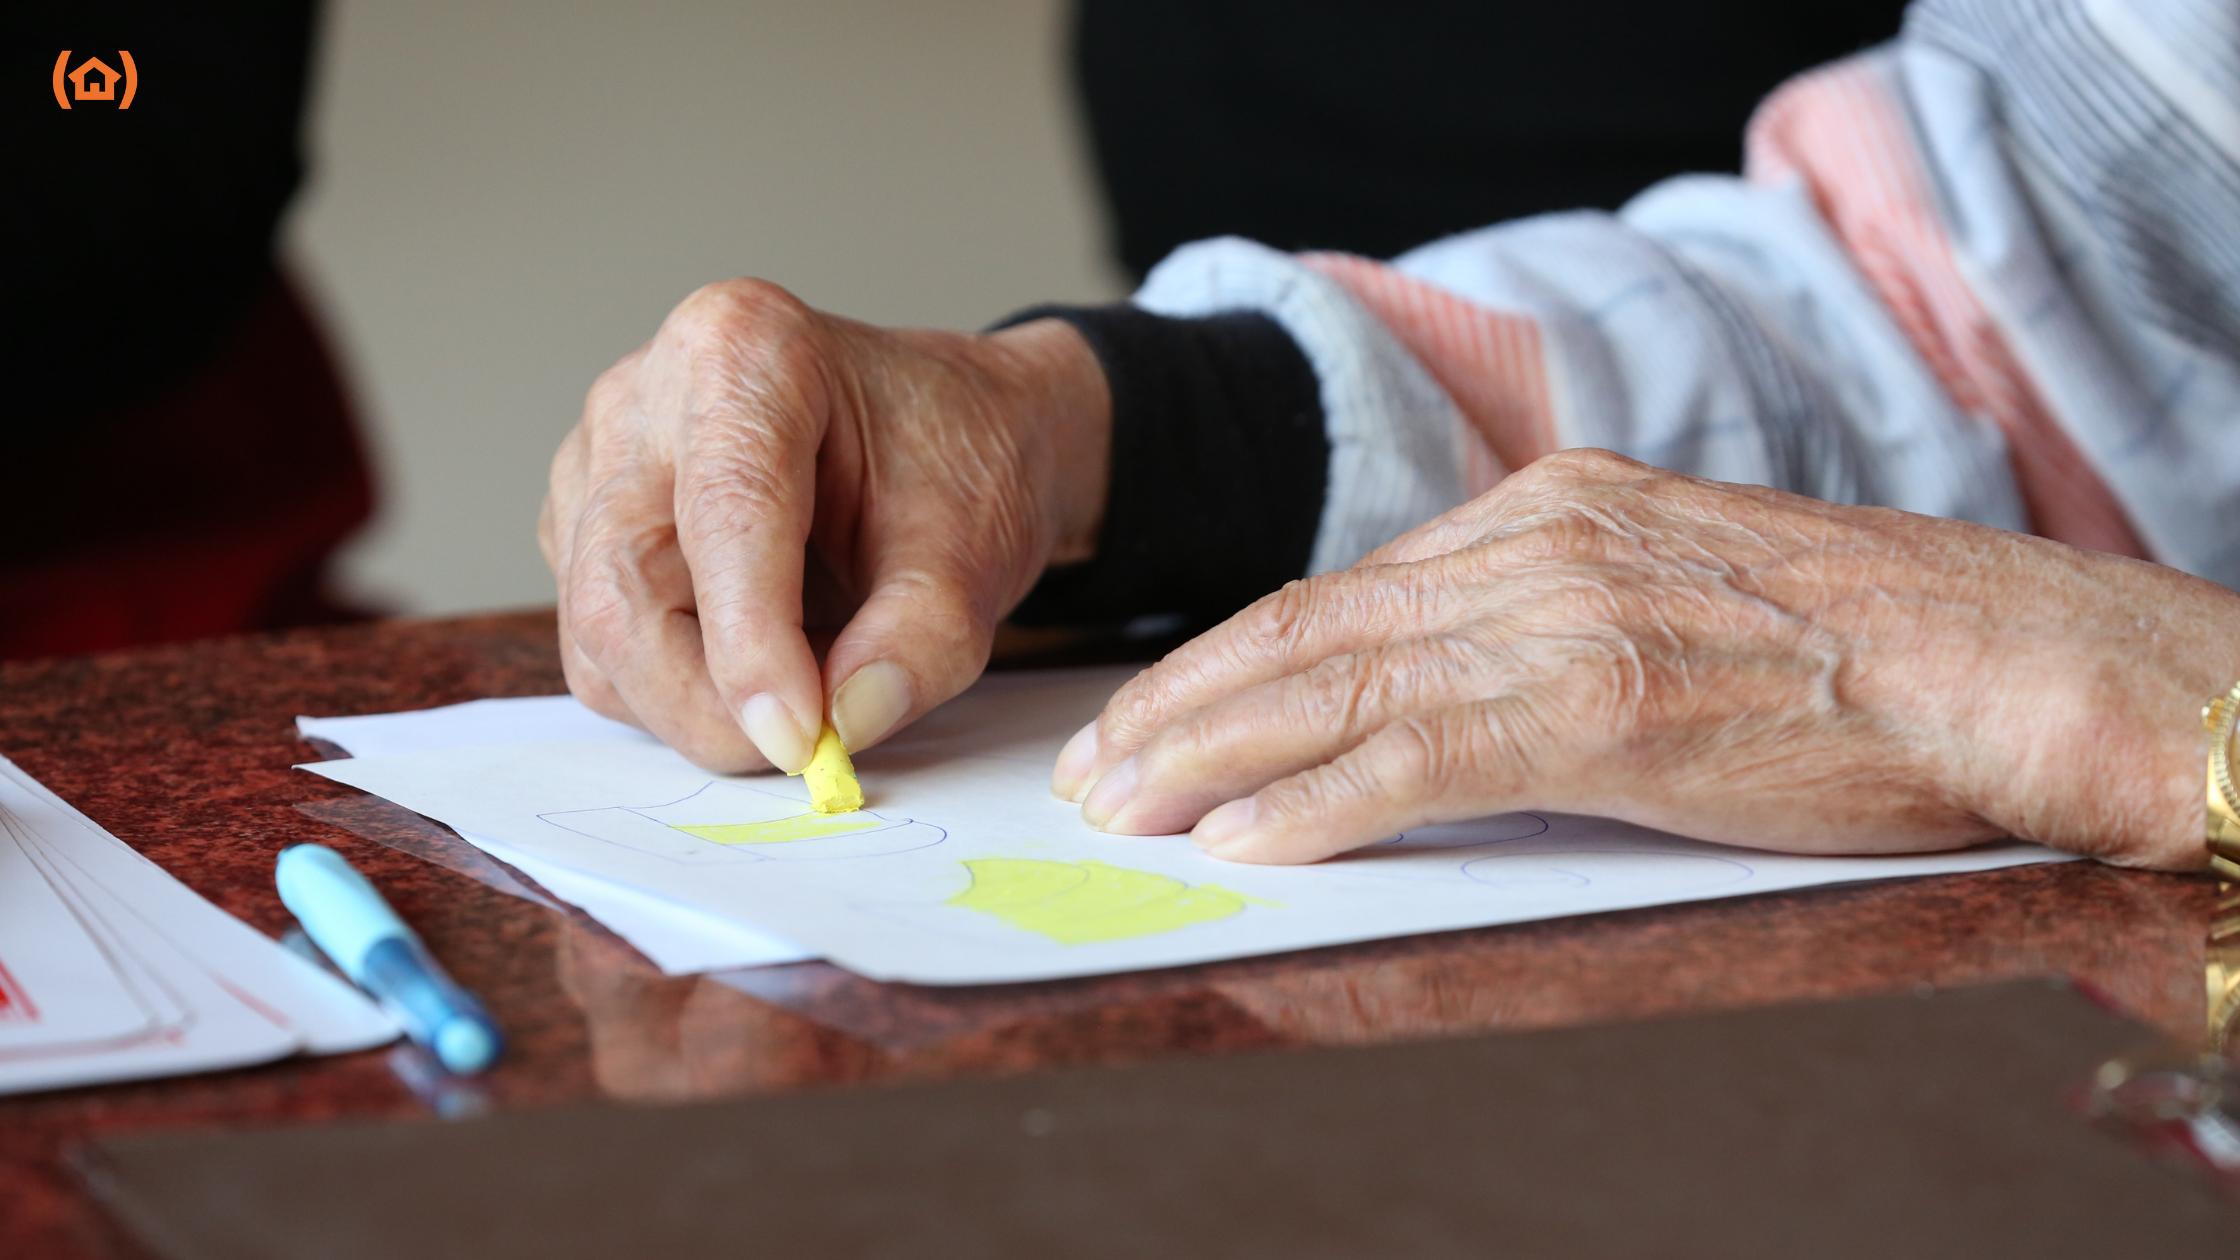 La práctica de ejercicios para personas mayores con artritis es muy beneficiosa para retardar el deterioro de las articulaciones causado por esta enfermedad.